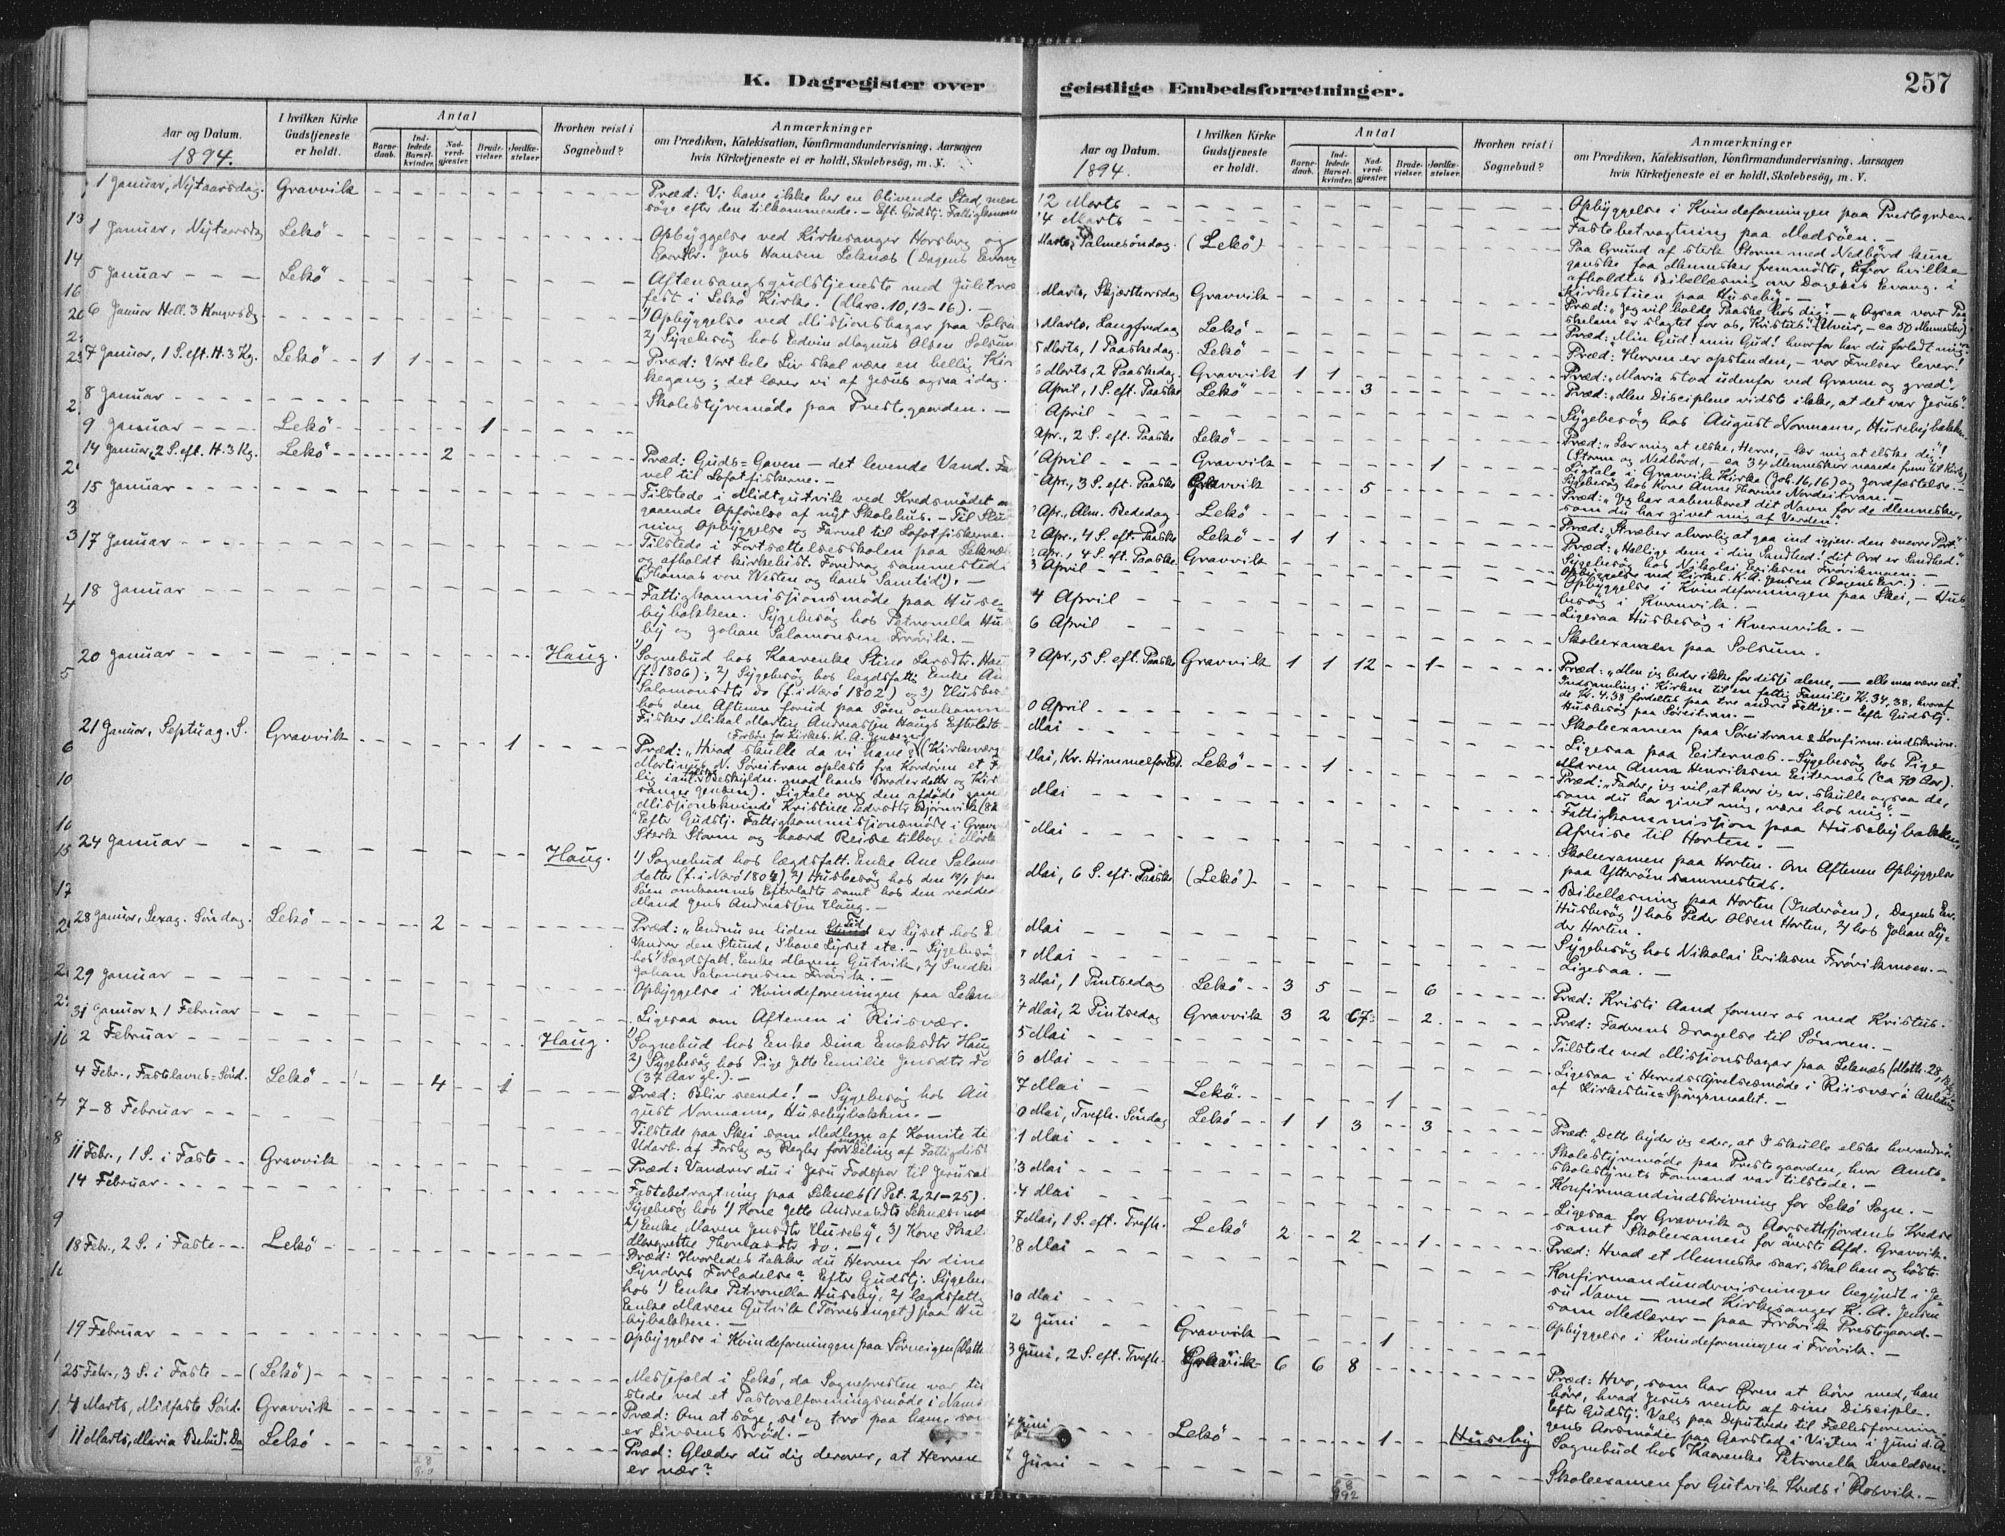 SAT, Ministerialprotokoller, klokkerbøker og fødselsregistre - Nord-Trøndelag, 788/L0697: Ministerialbok nr. 788A04, 1878-1902, s. 257